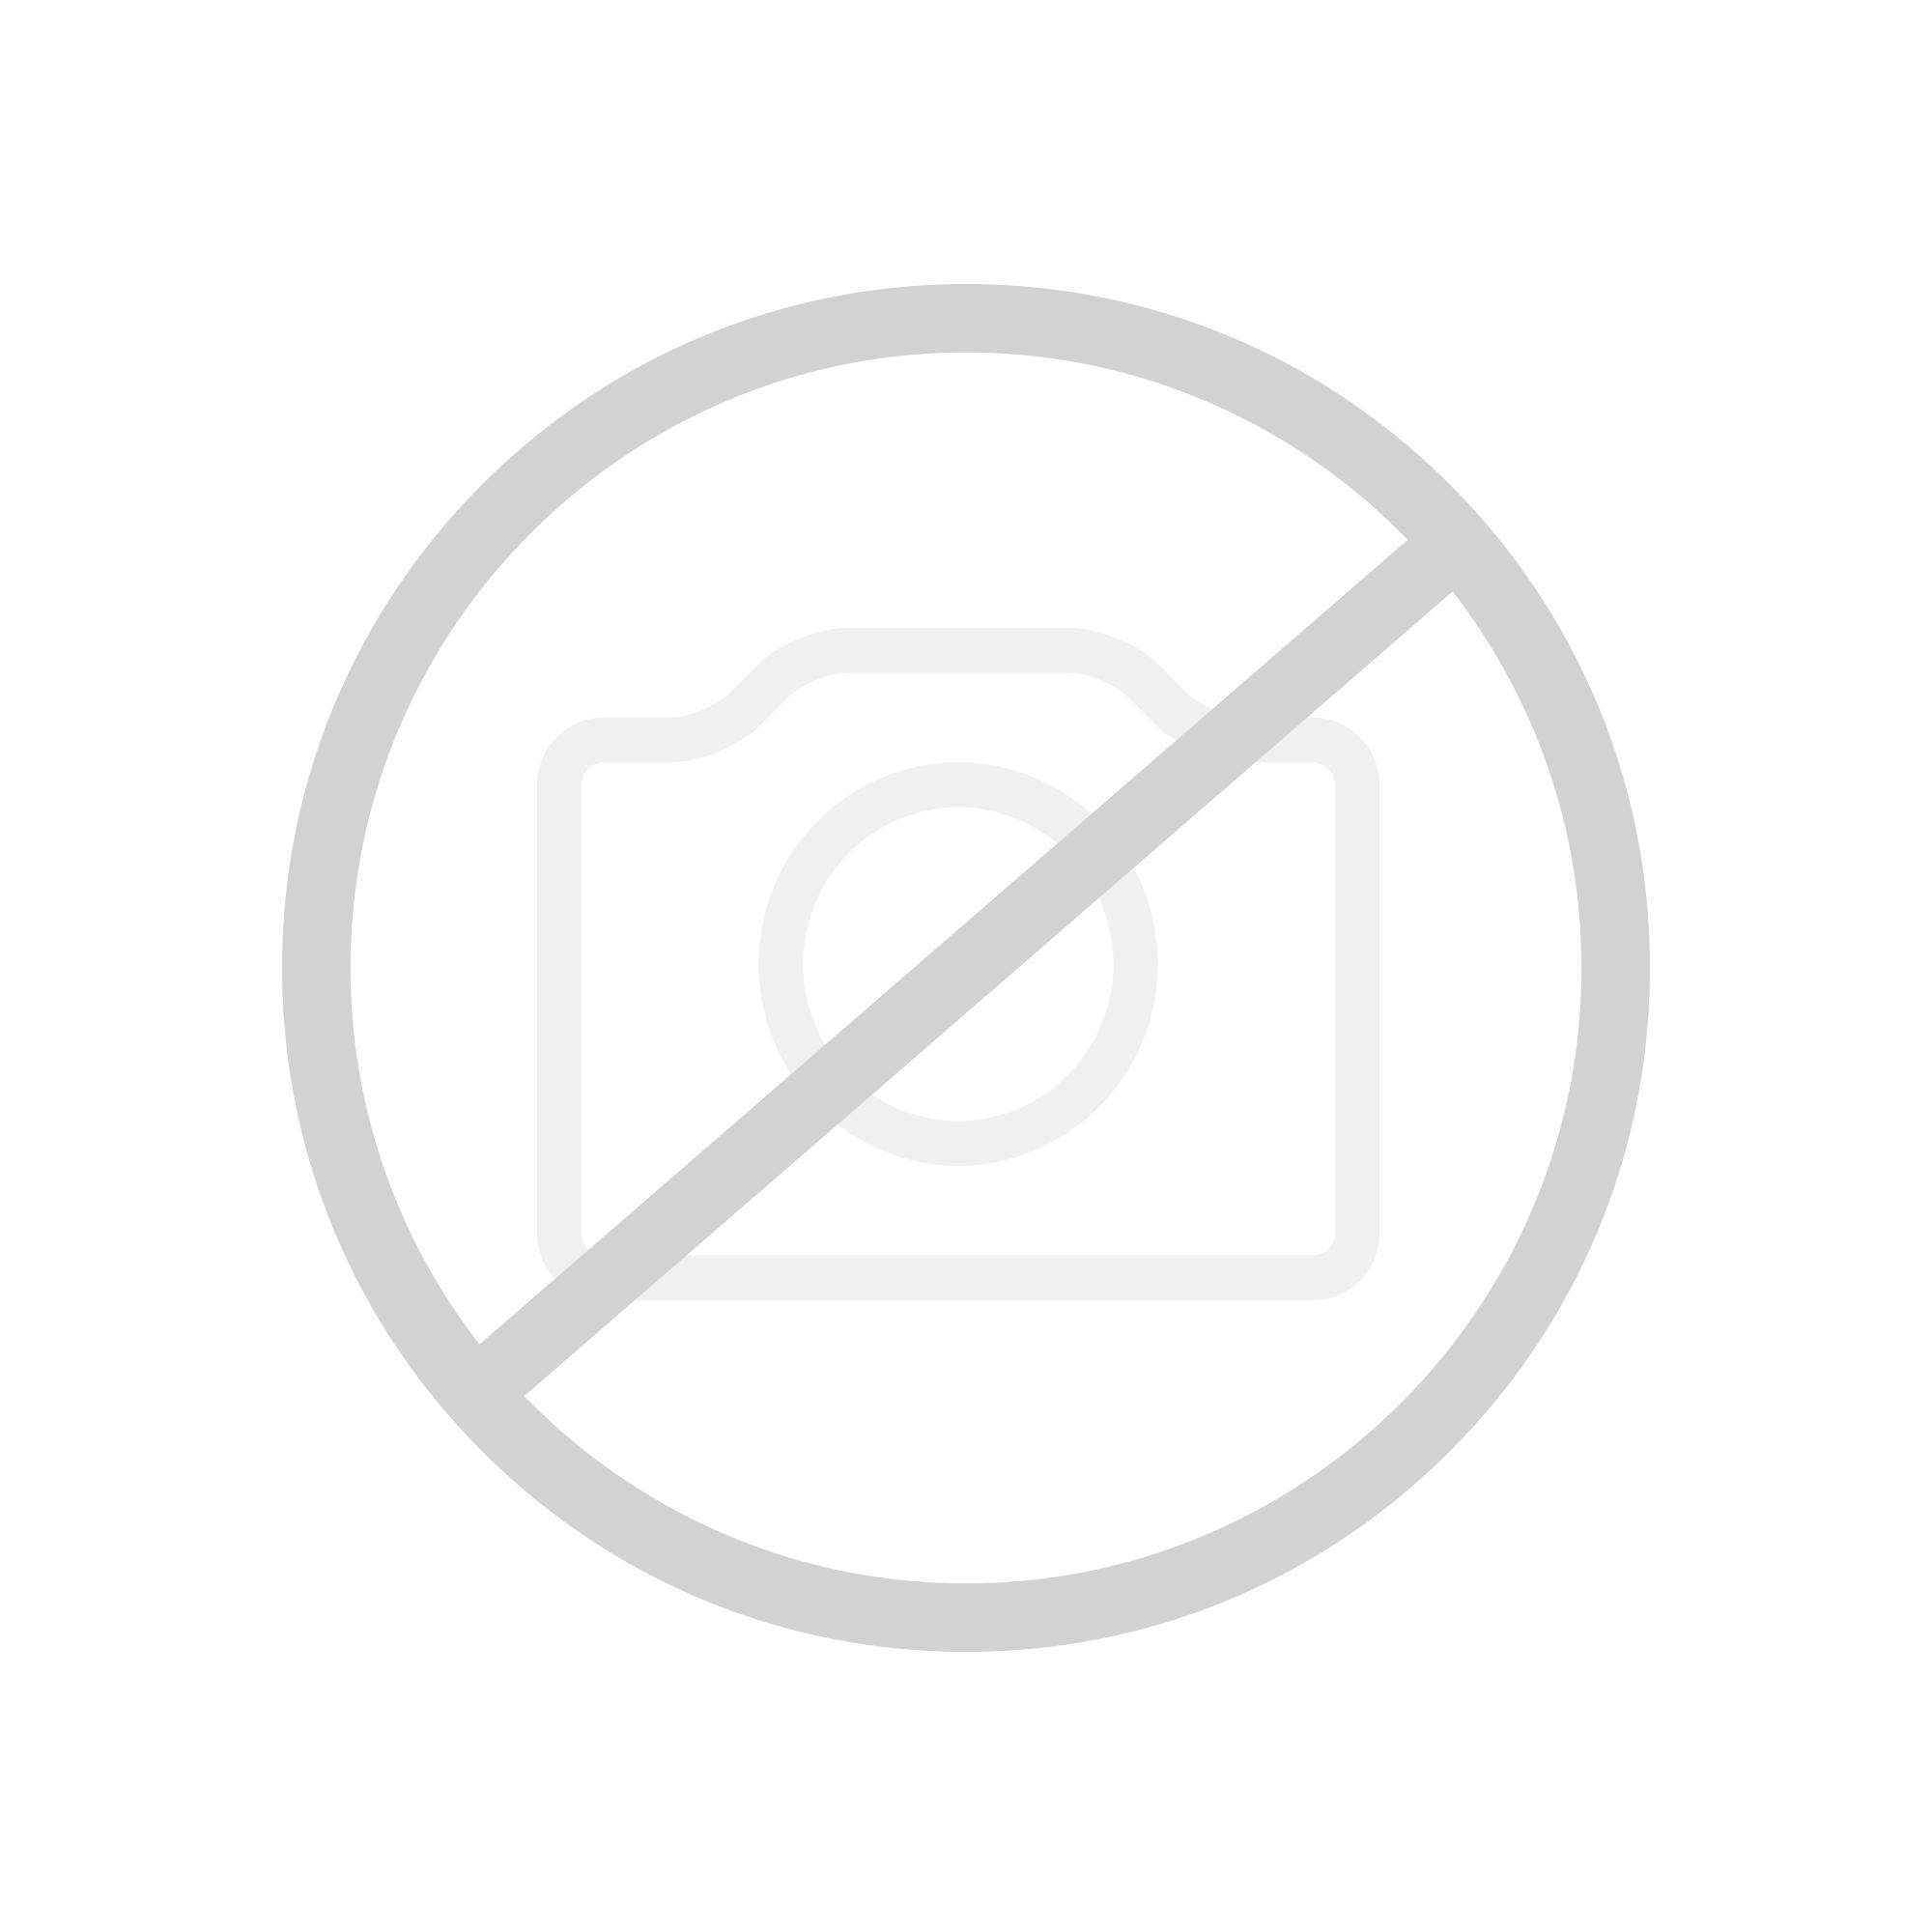 Riho Carolina Easypool Rechteck-Whirlpool mit elektronischer Bedienung